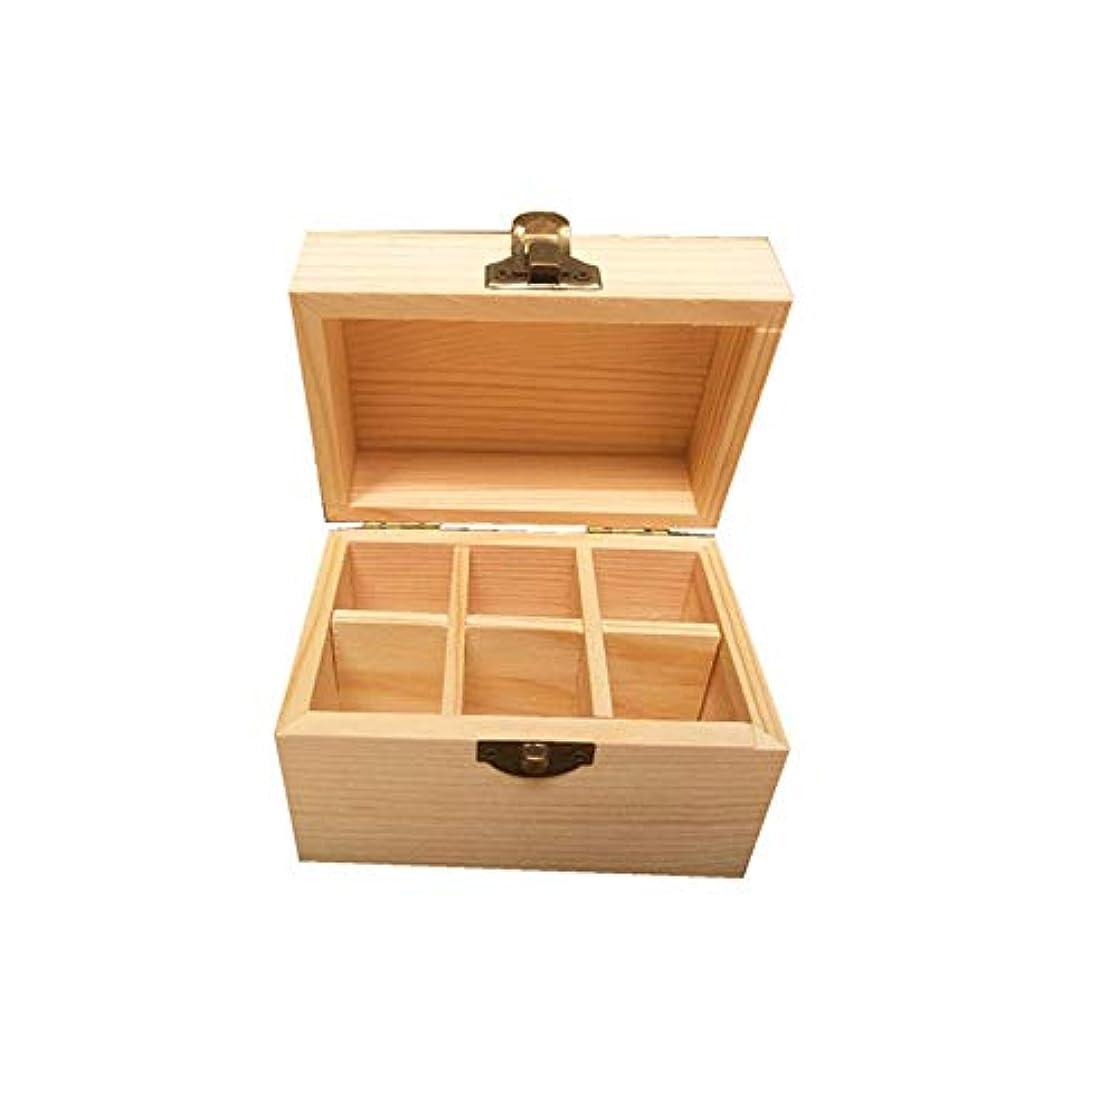 クリックアミューズフィードバック精油ケース 6ボトル木製エッセンシャルオイルストレージボックスパーフェクトエッセンシャルオイルケース 携帯便利 (色 : Natural, サイズ : 12X8X8.5CM)